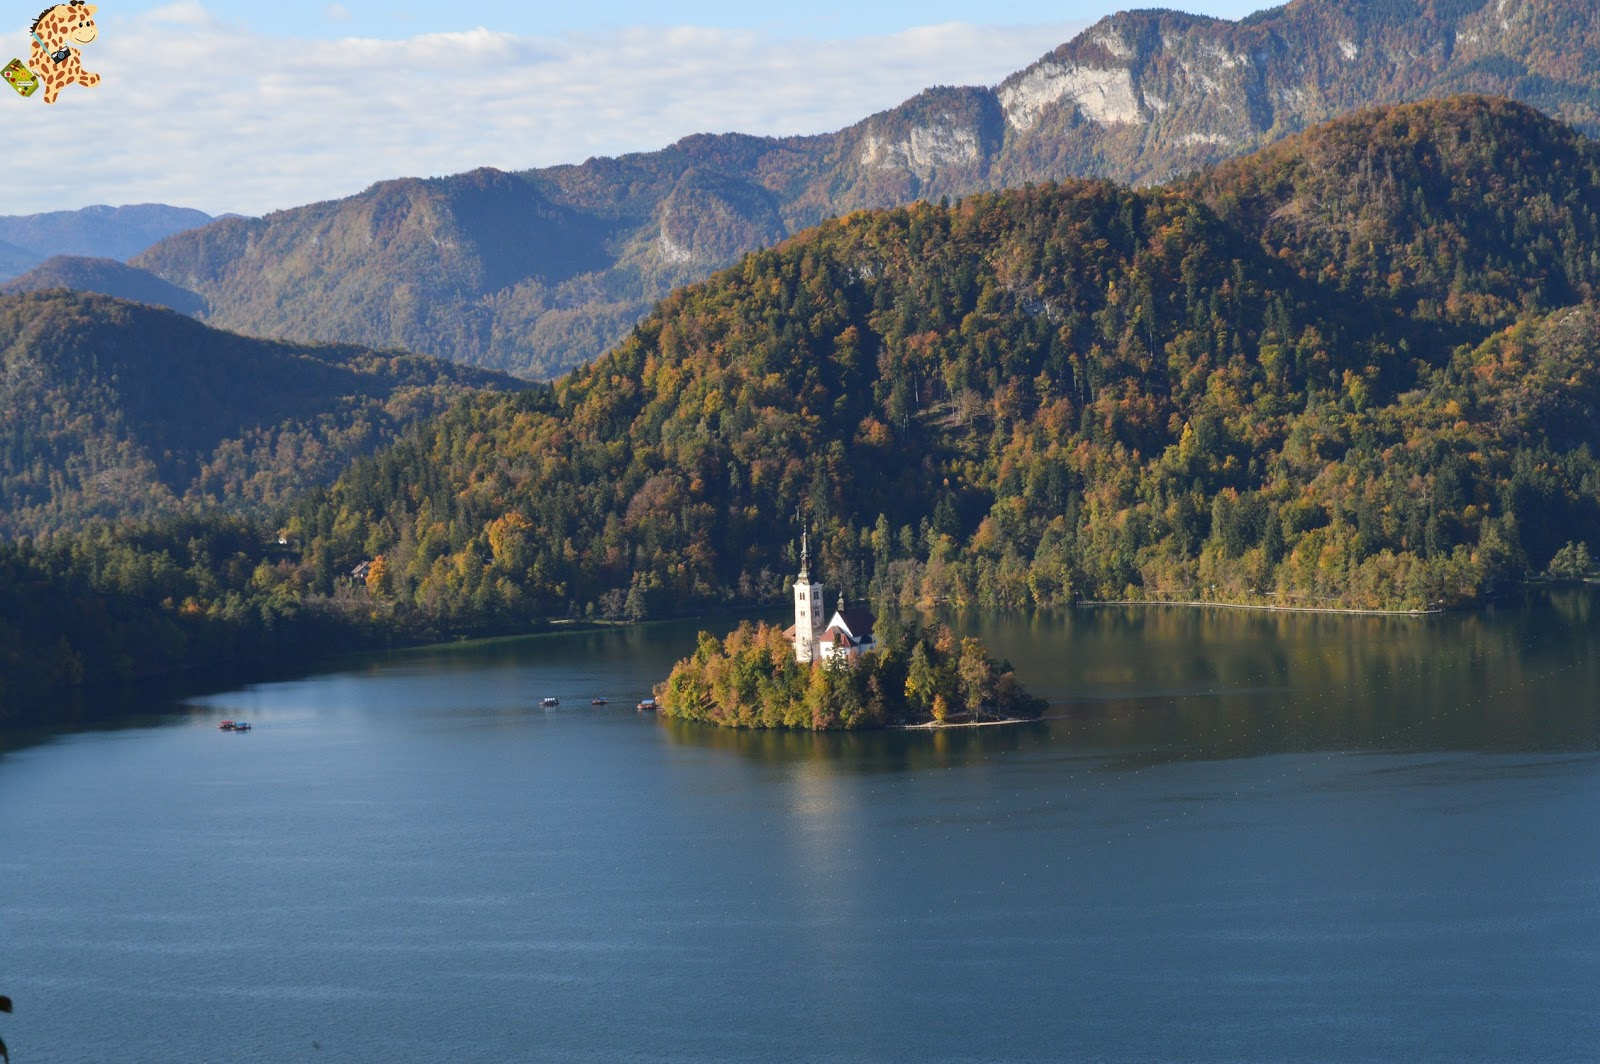 parquenacionalTriglavylagoBled283429 - Eslovenia en 4 días: Parque Nacional Triglav y lago Bled